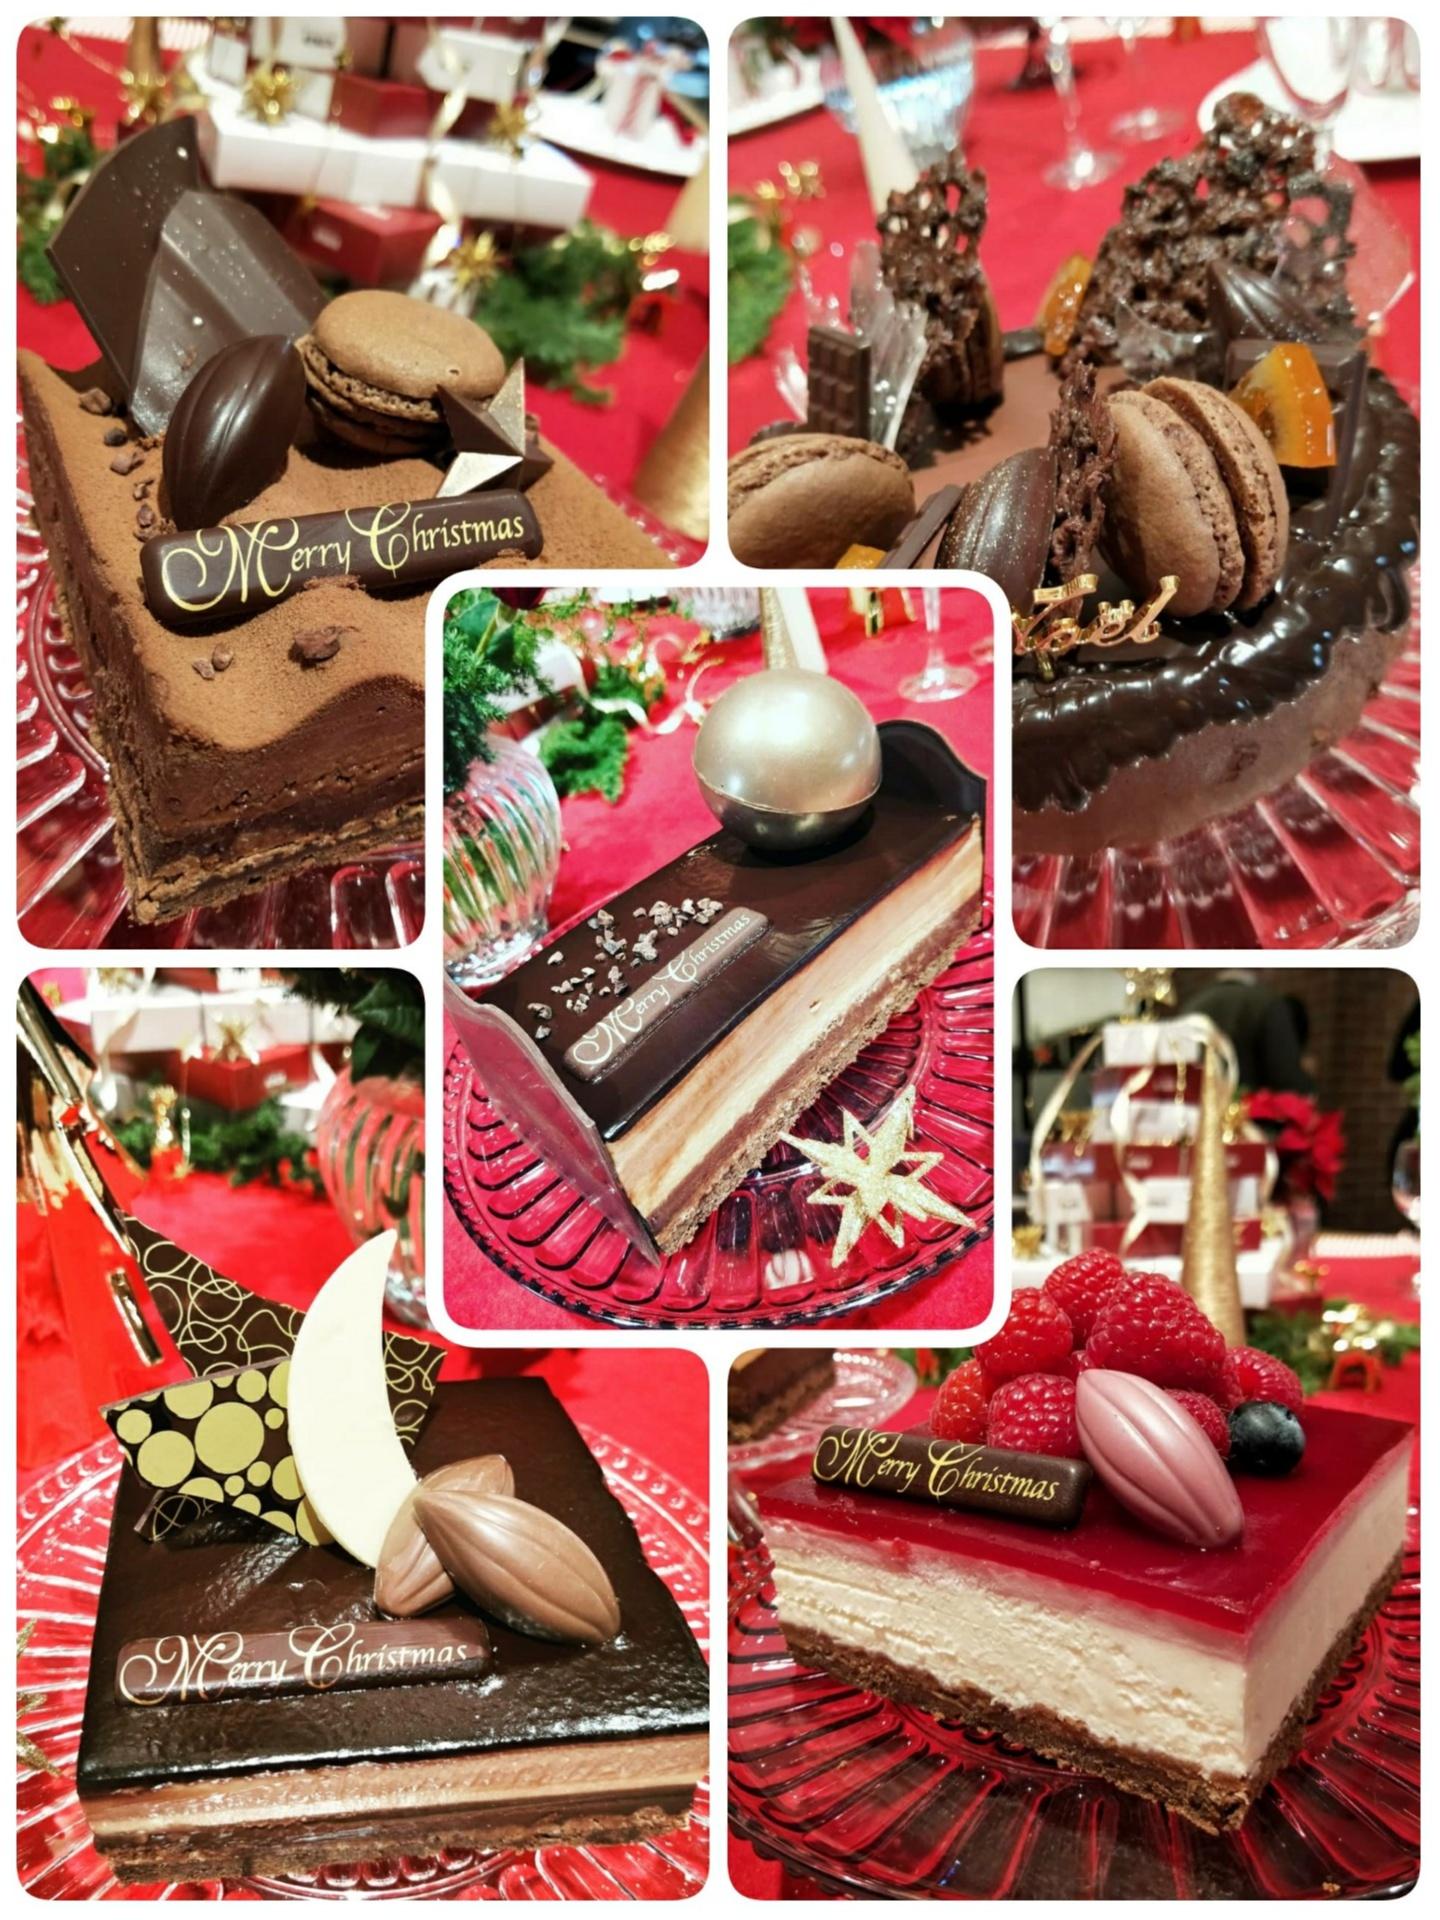 横浜チョコレート専門店「バニラビーンズ」のクリスマスケーキ試食会レポ♡_1